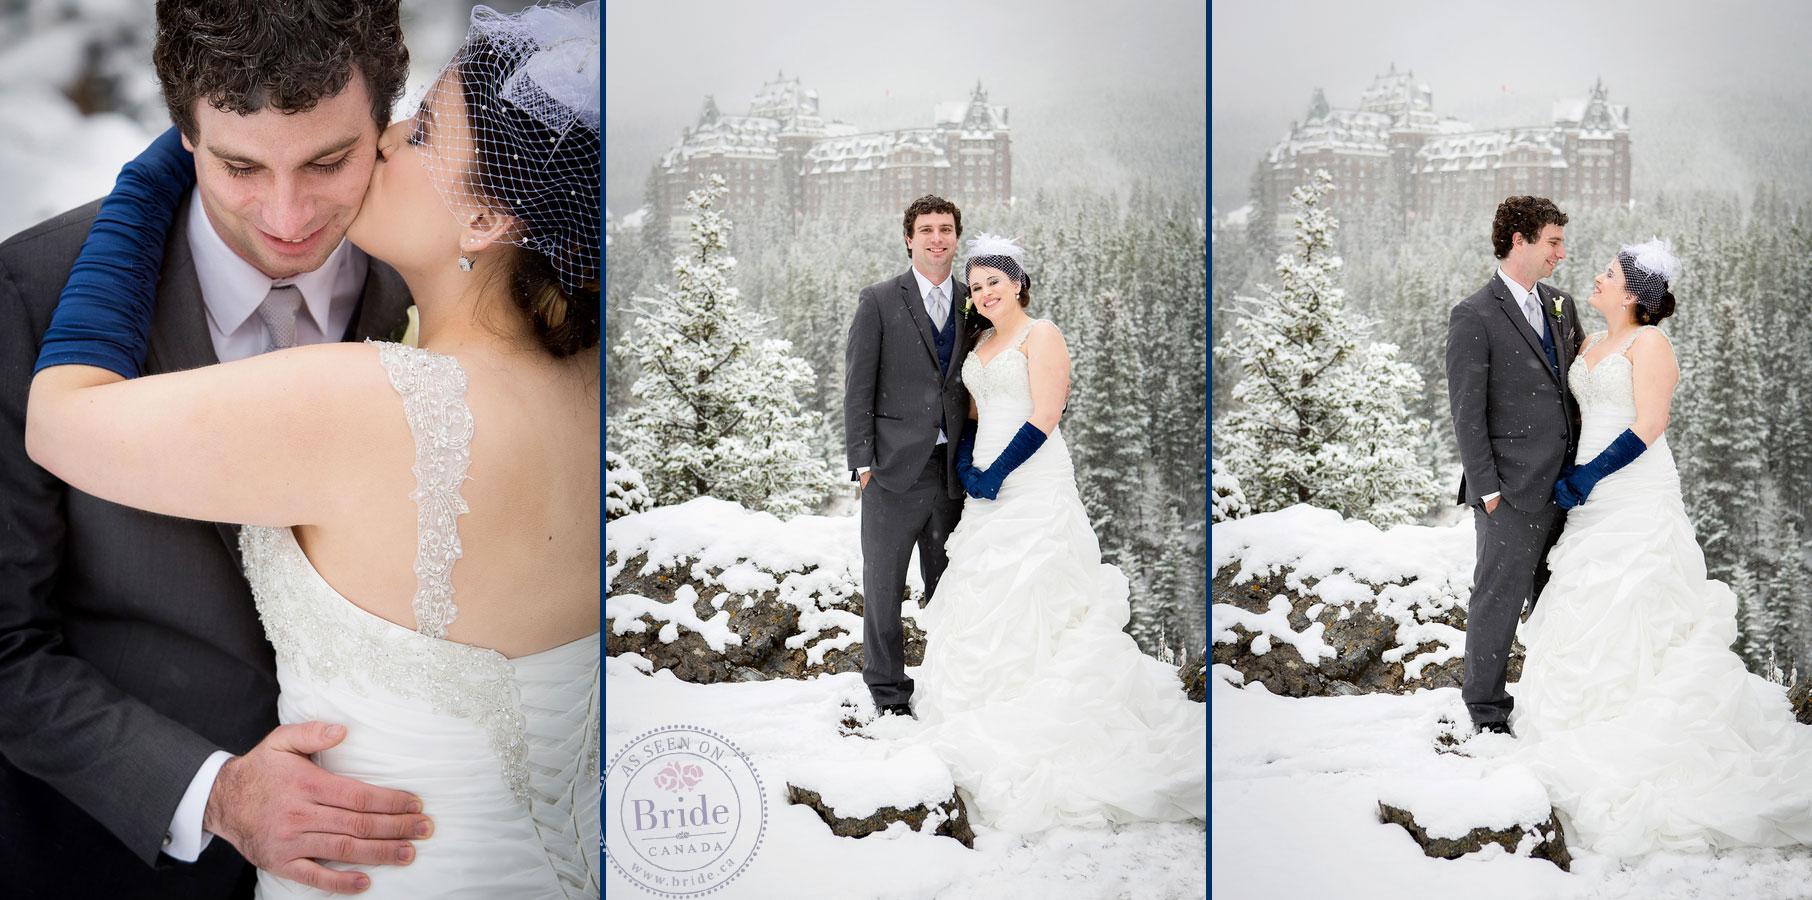 Bride Ca Shandell Amp Jordan Winter Destination Banff